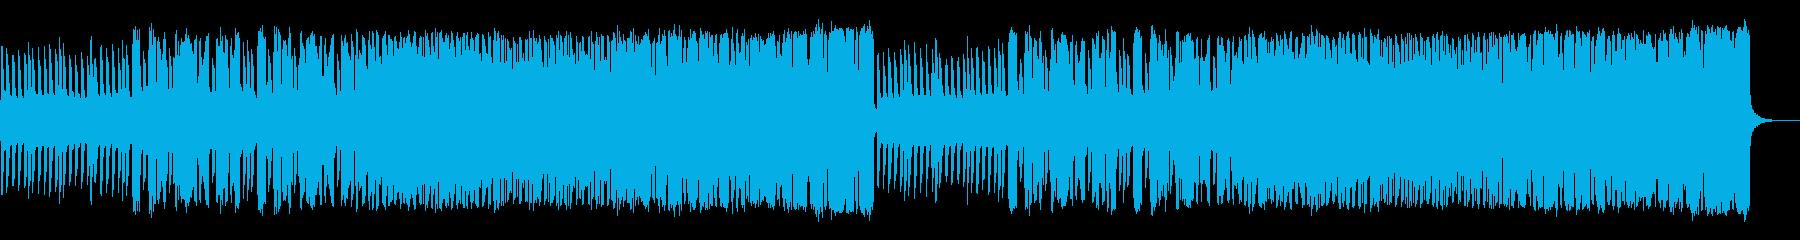 ファンタジックな戦闘曲の再生済みの波形